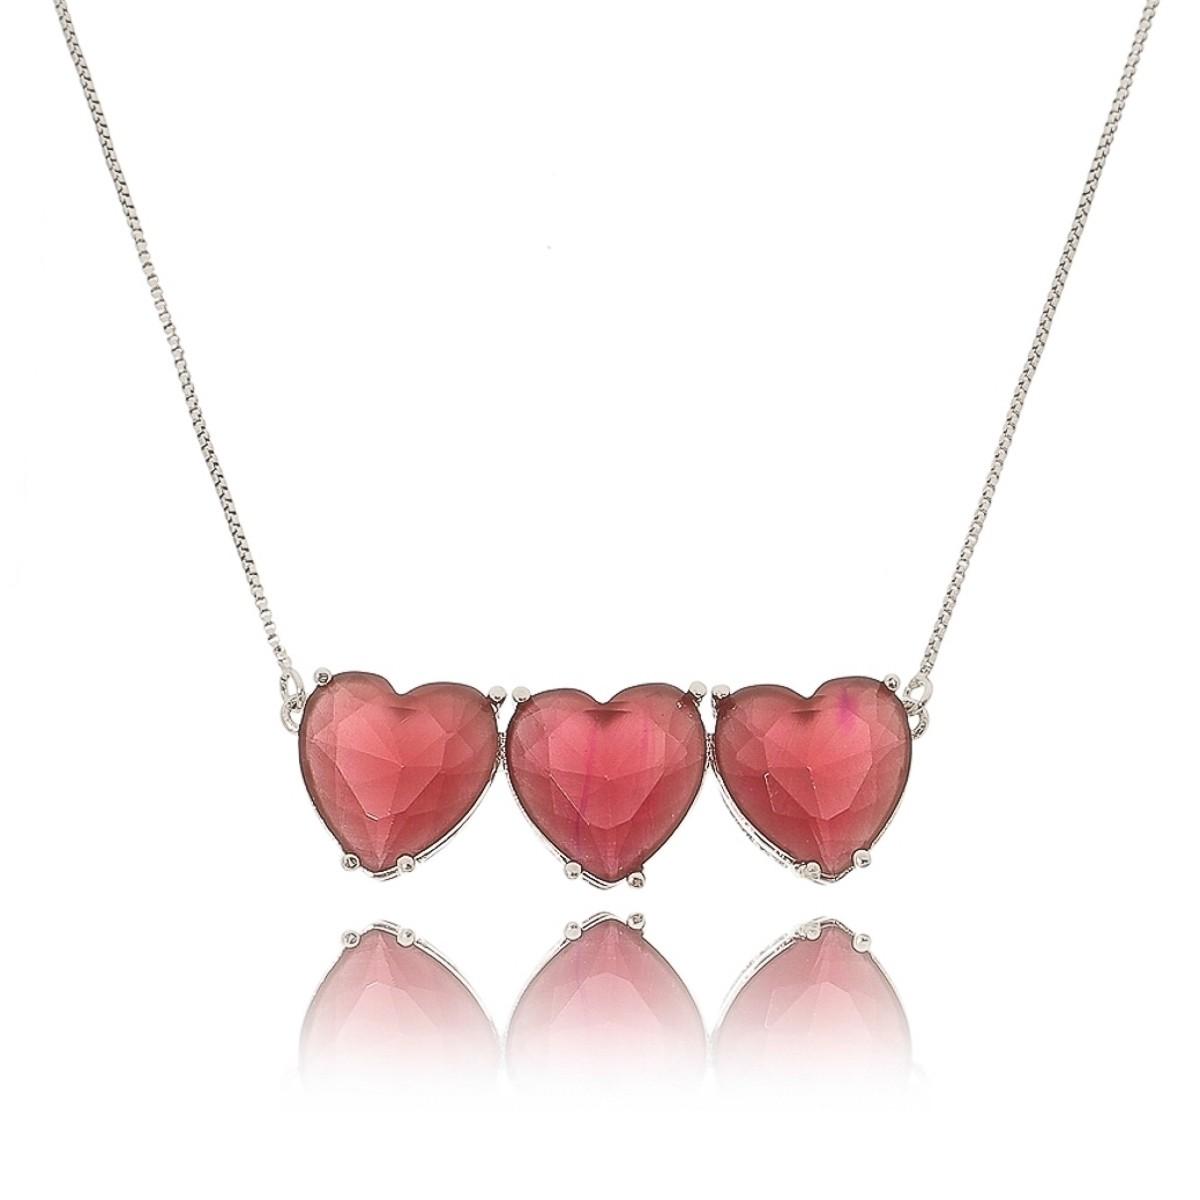 Colar Prata 3 Corações Rubi Vermelho Semijoia em Ródio Branco  - Soloyou